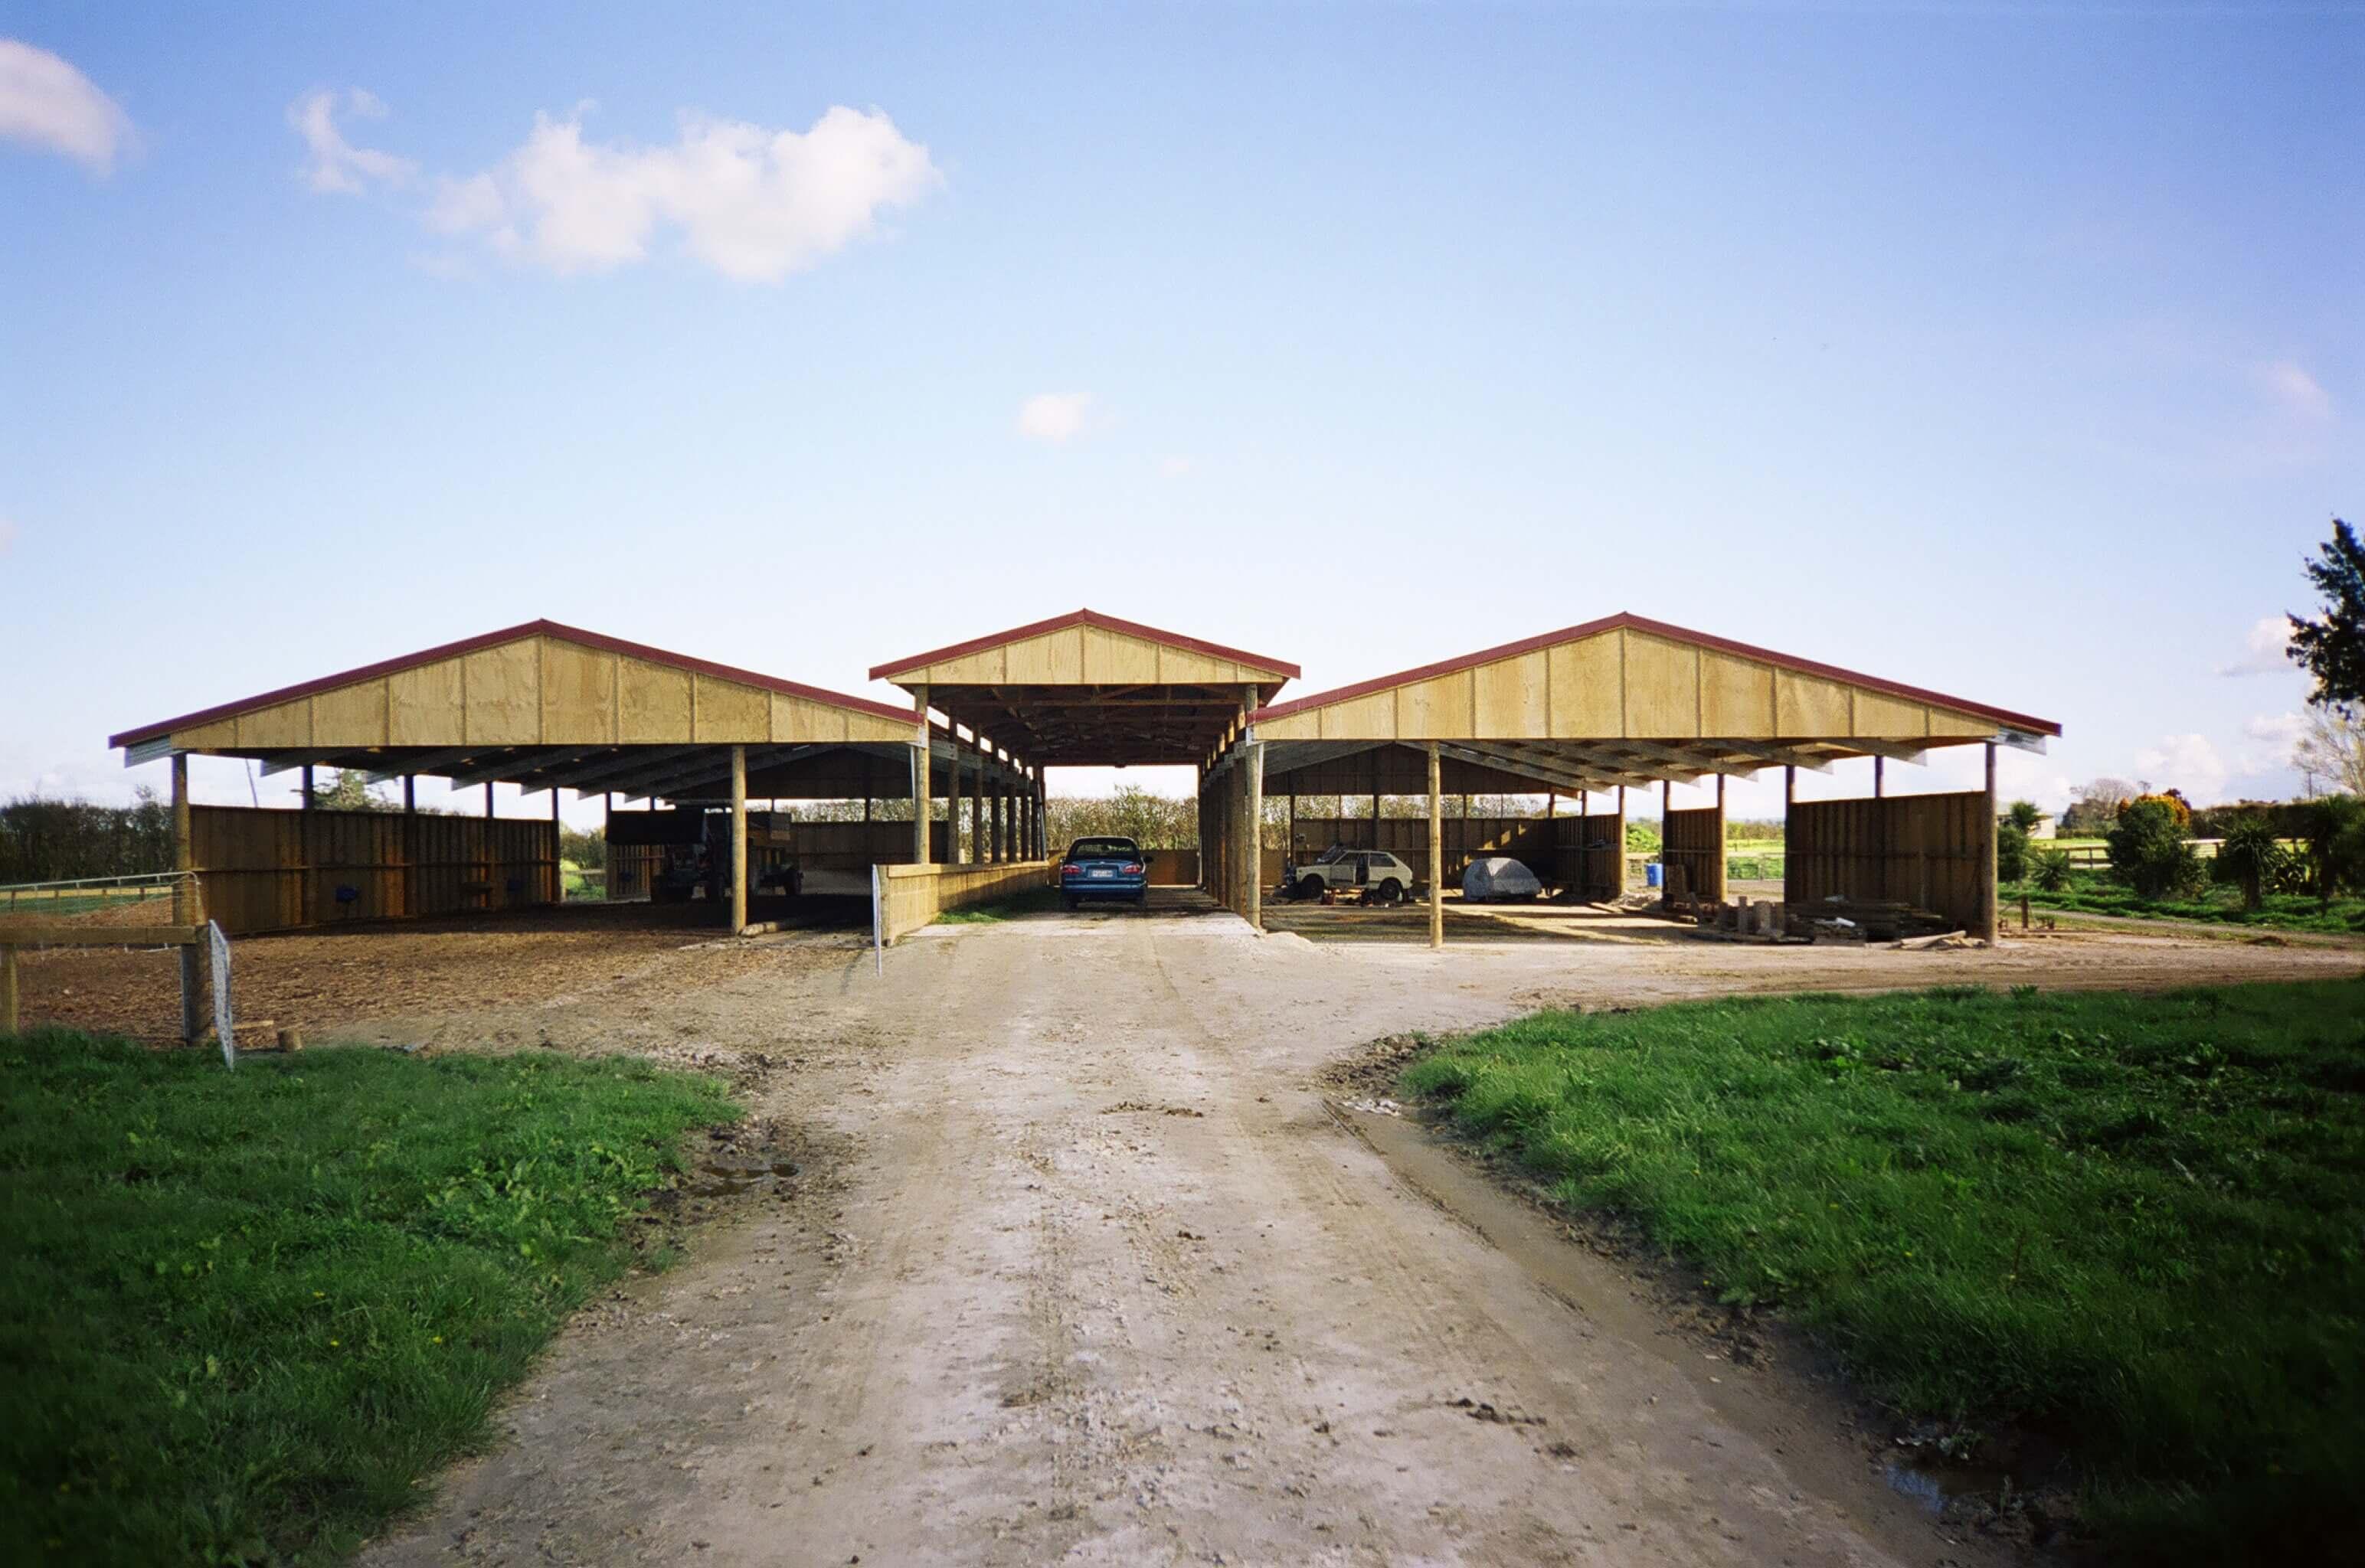 Large animal shelters New Zealand